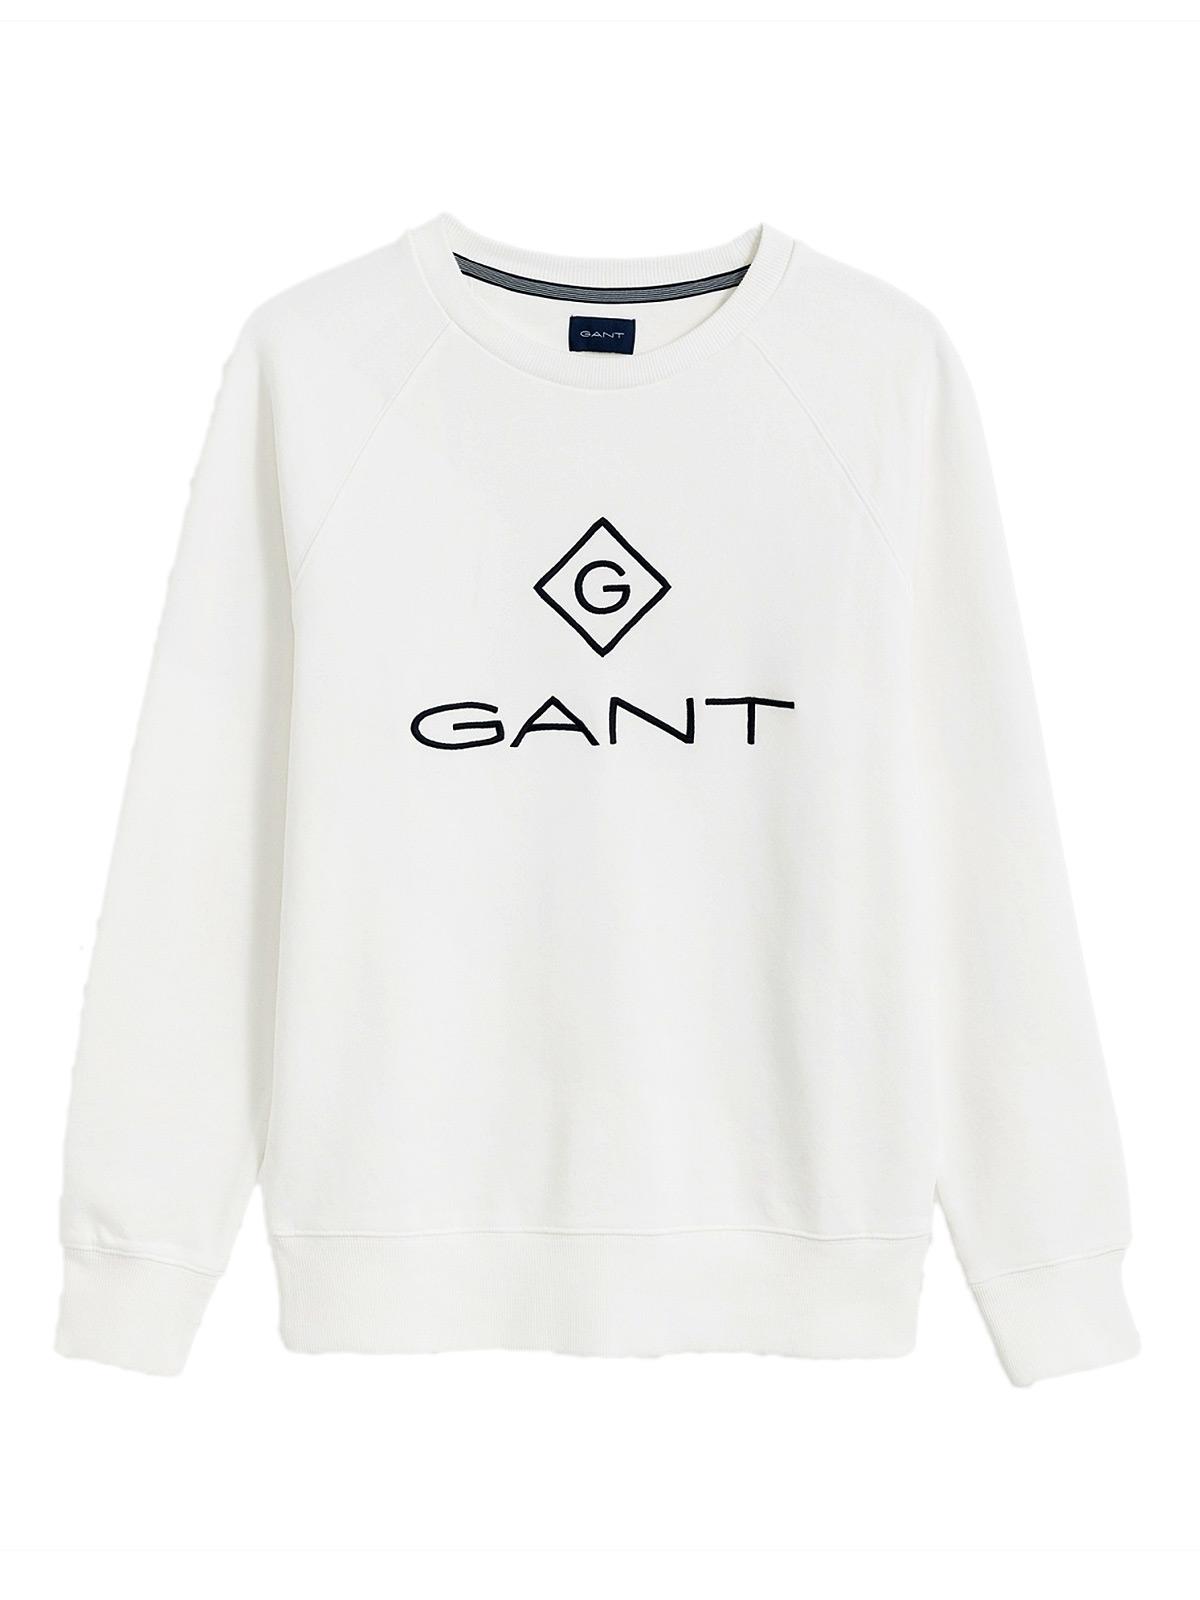 Picture of GANT | Men's Lock Up Crewneck Sweatshirt